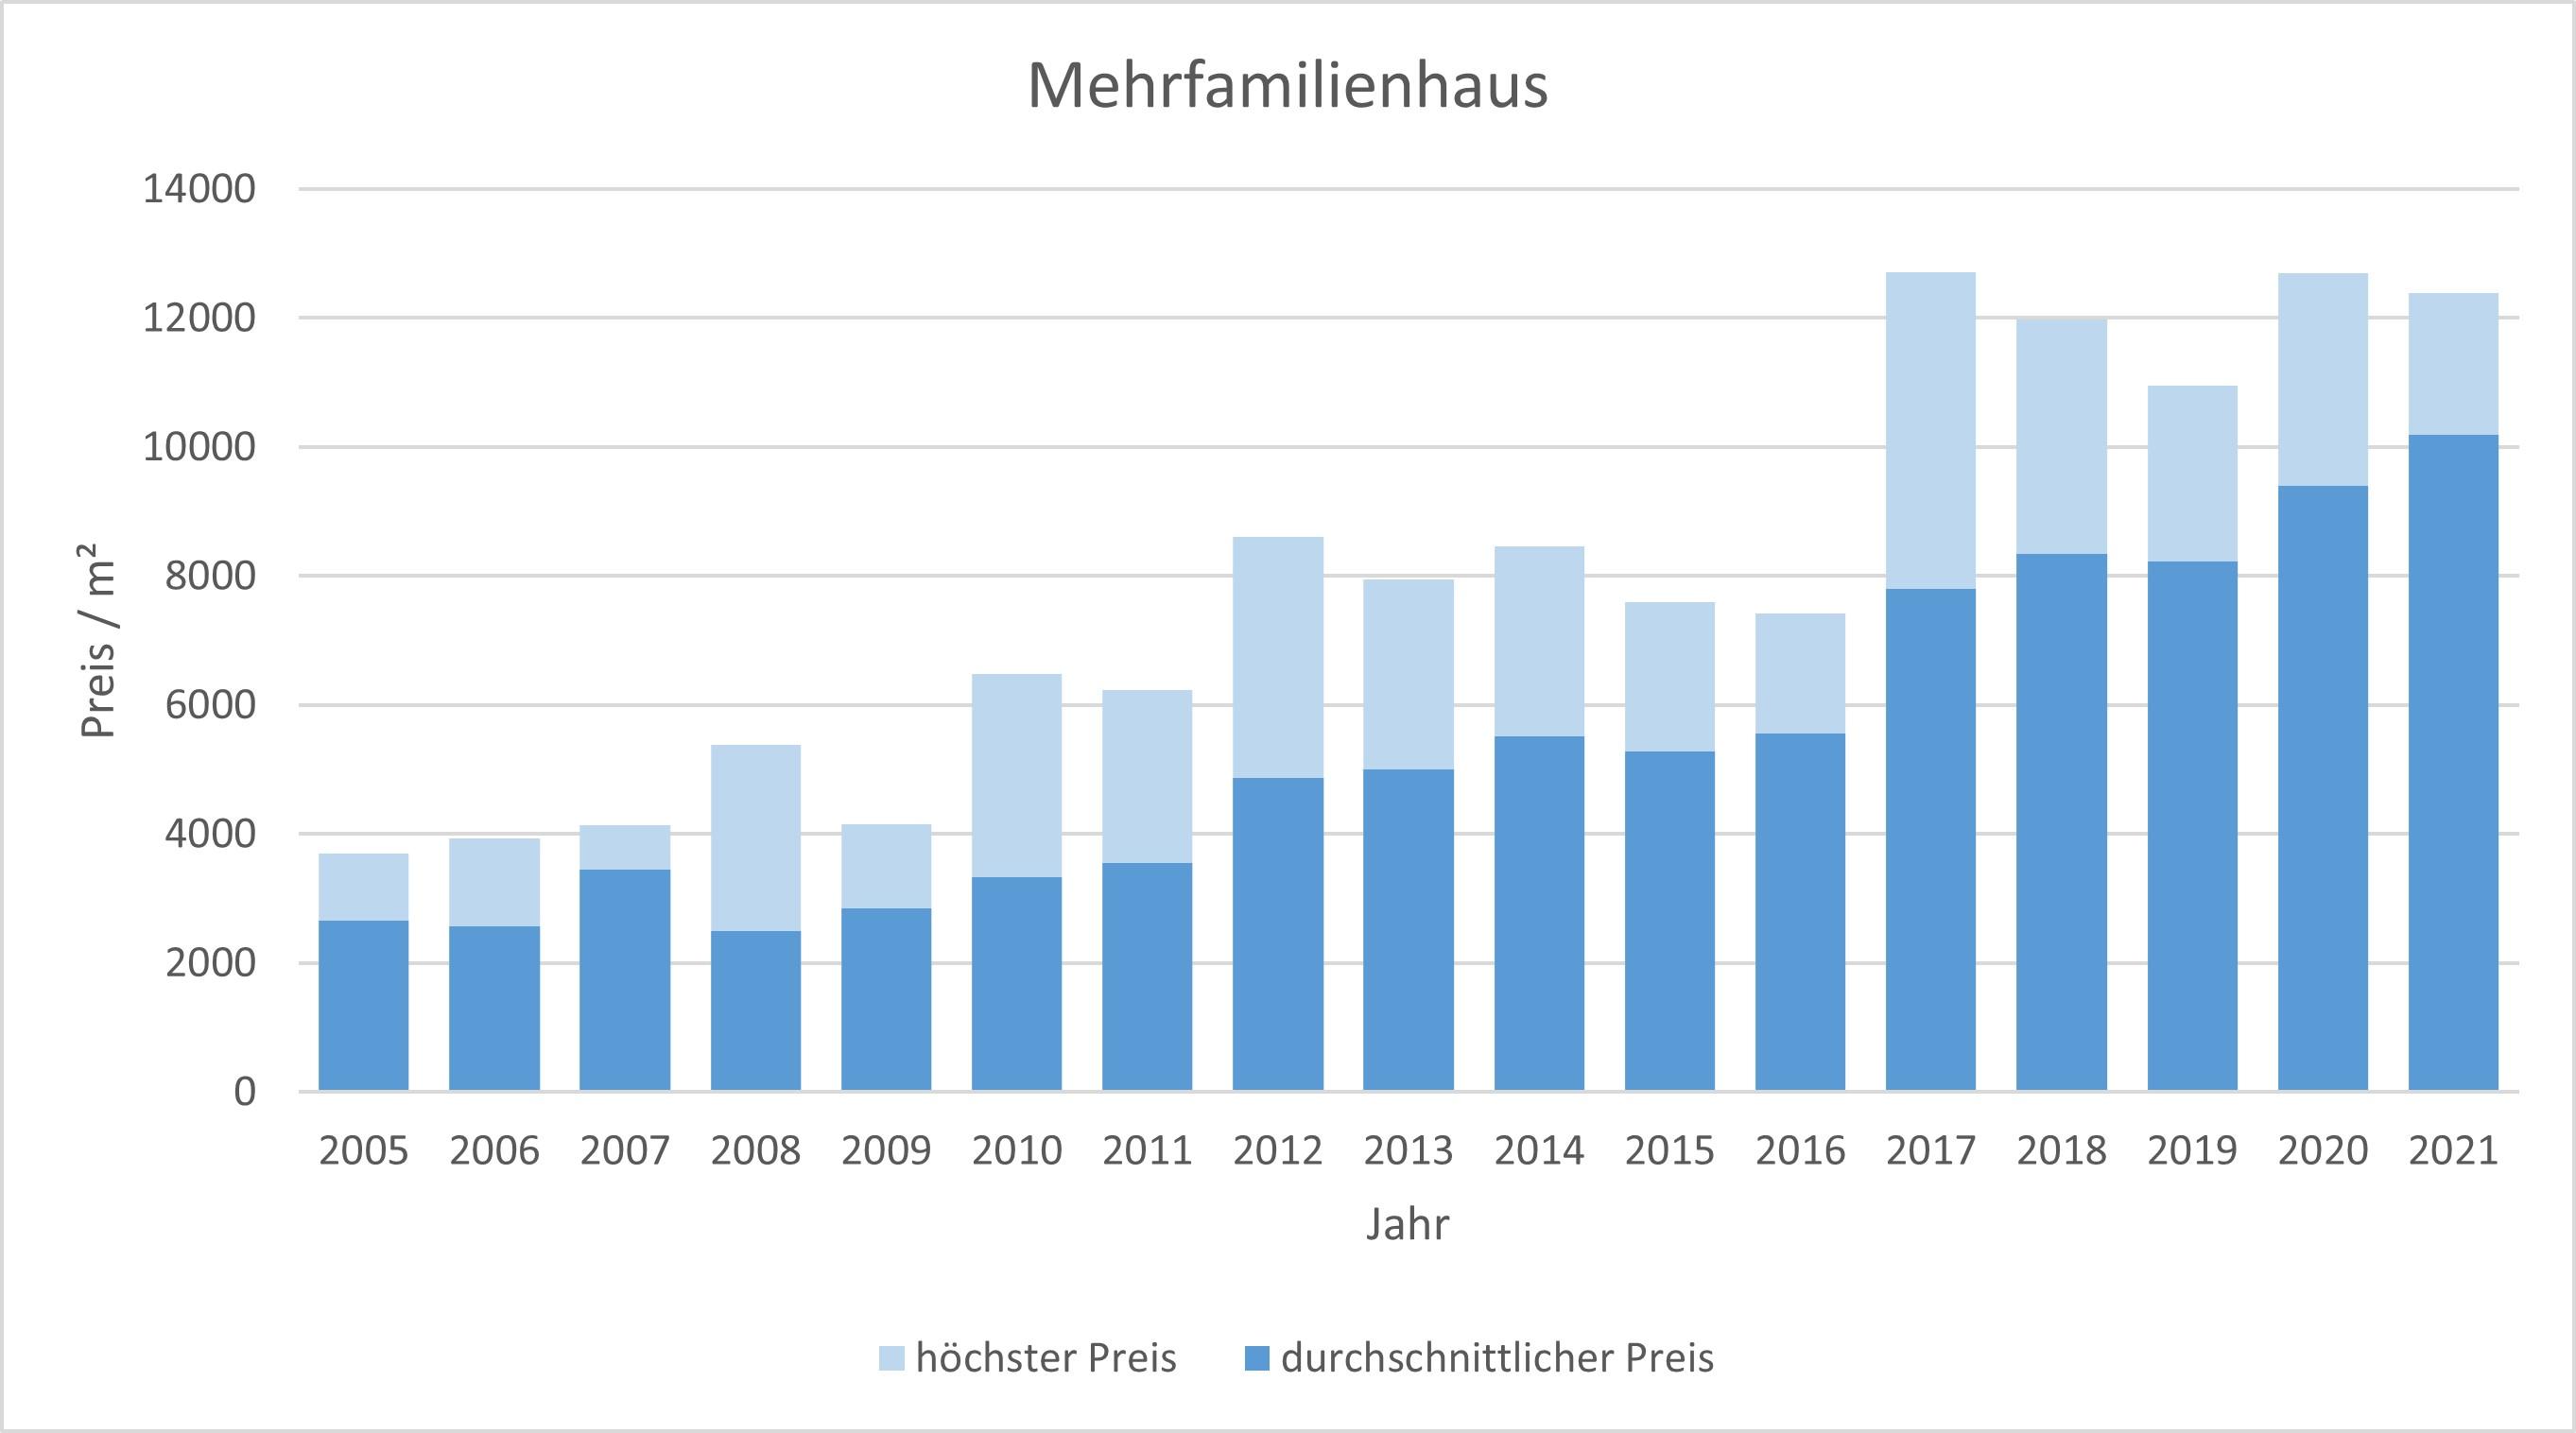 München - Pasing Mehrfamilienhaus kaufen verkaufen Preis Bewertung 2019 2020 2021 Makler www.happy-immo.de